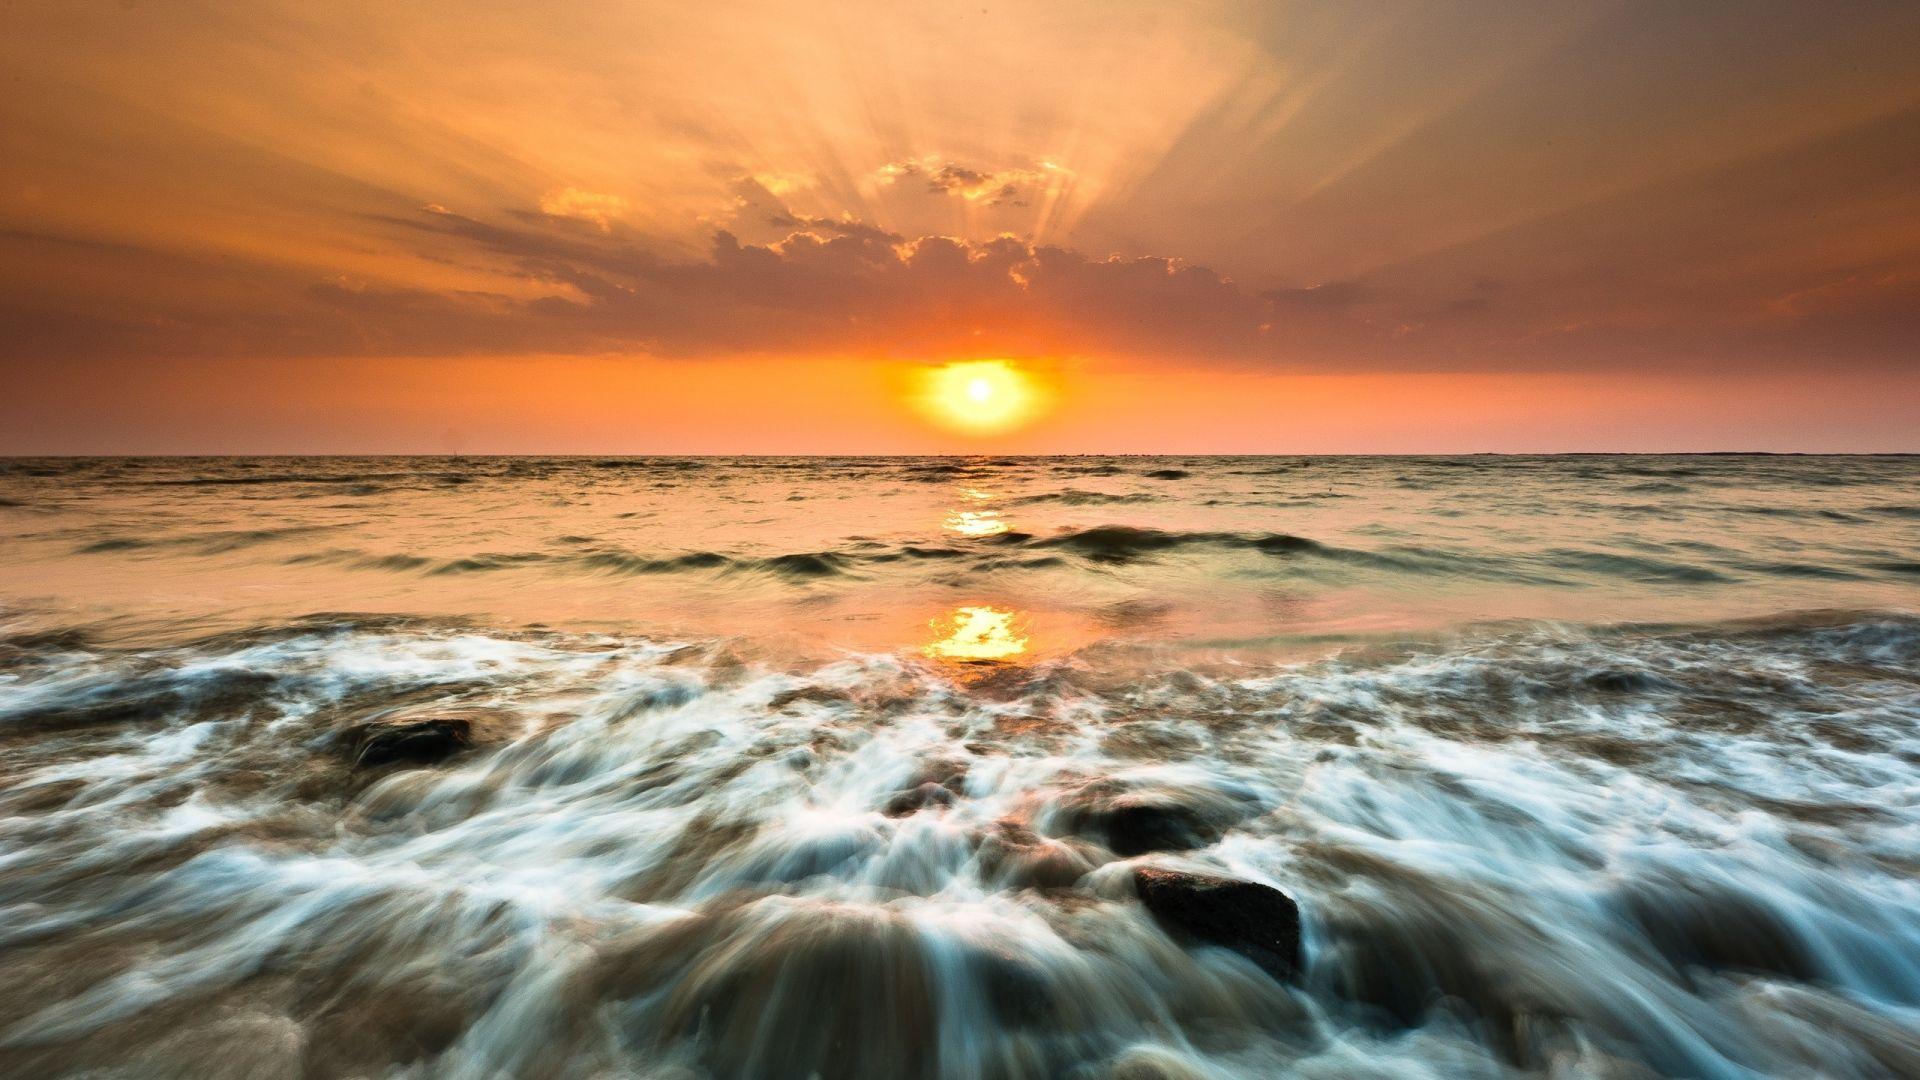 sea, foam, sunset - http://www.wallpapers4u.org/sea-foam-sunset/